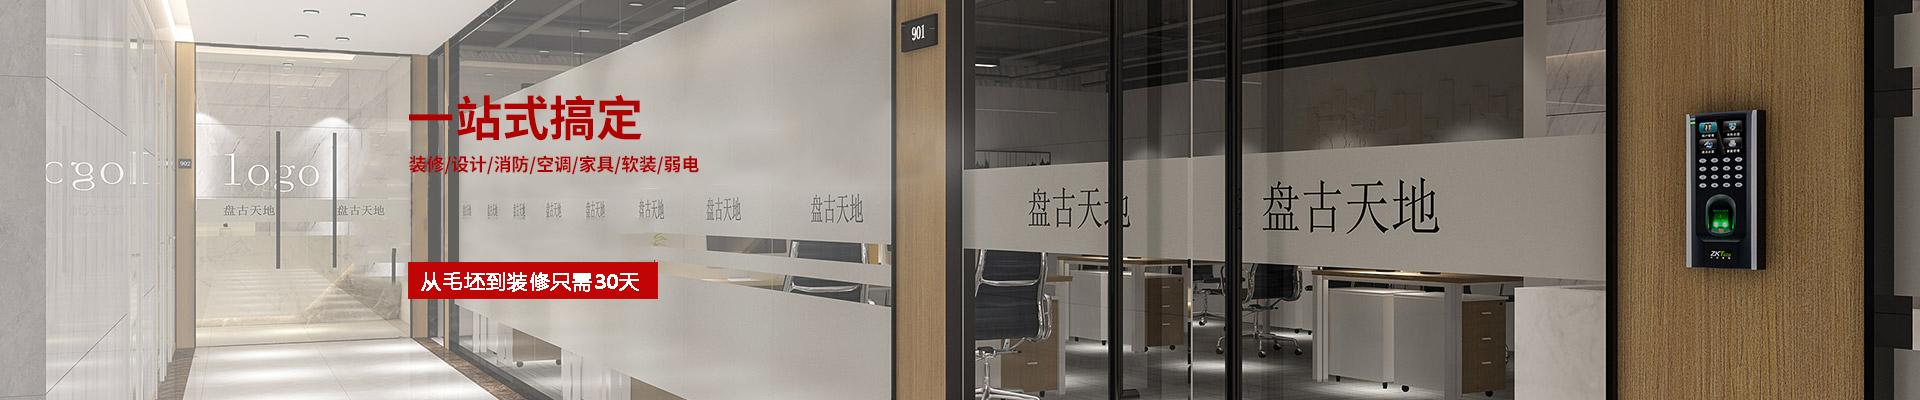 文丰装饰-深圳原创互联网办公室装修